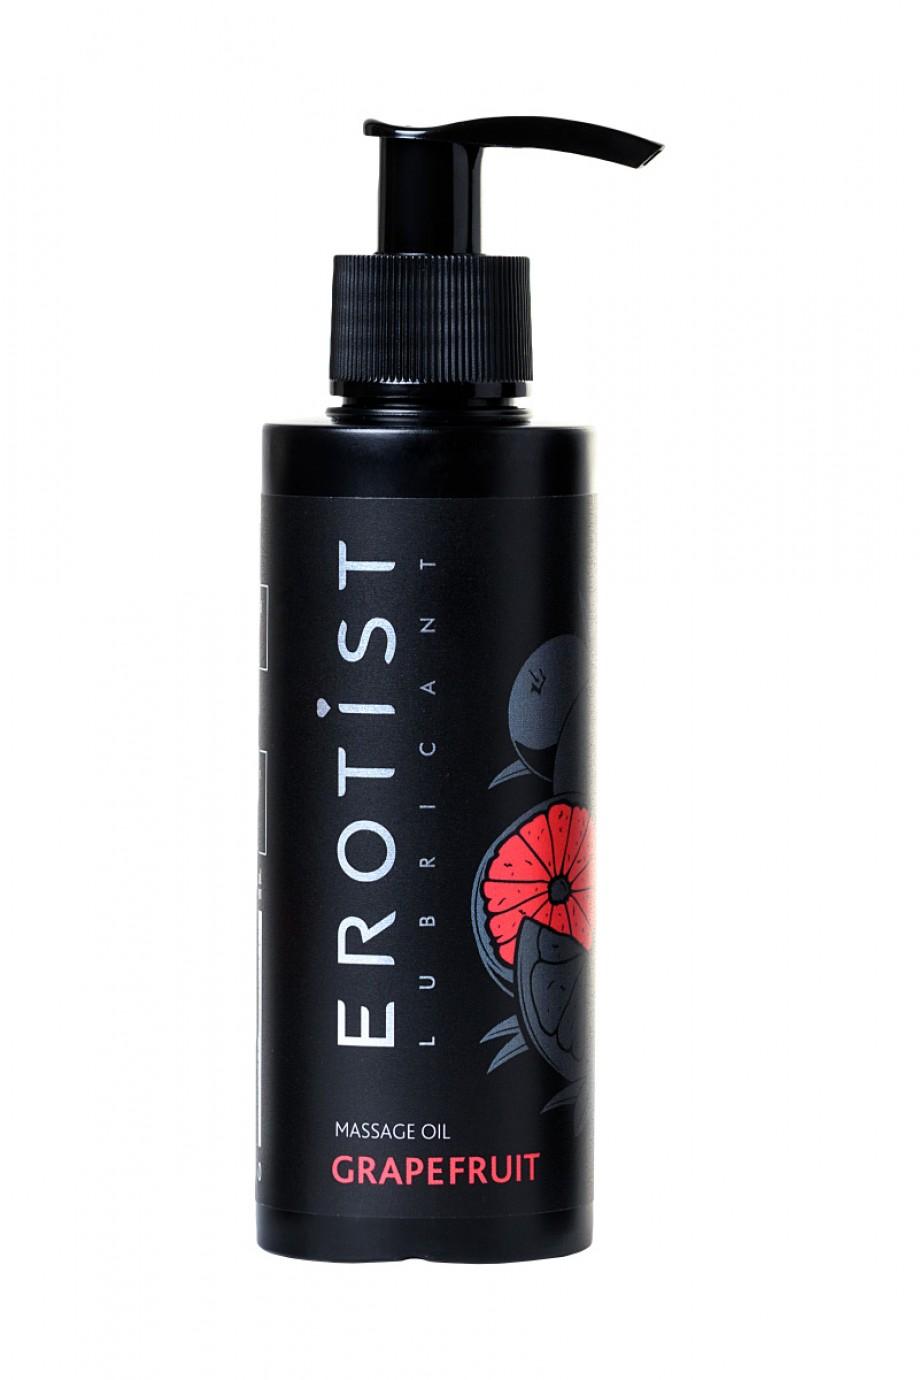 Массажное масло Erotist GRAPEFRUIT, съедобное, грейпфрут, 150 мл